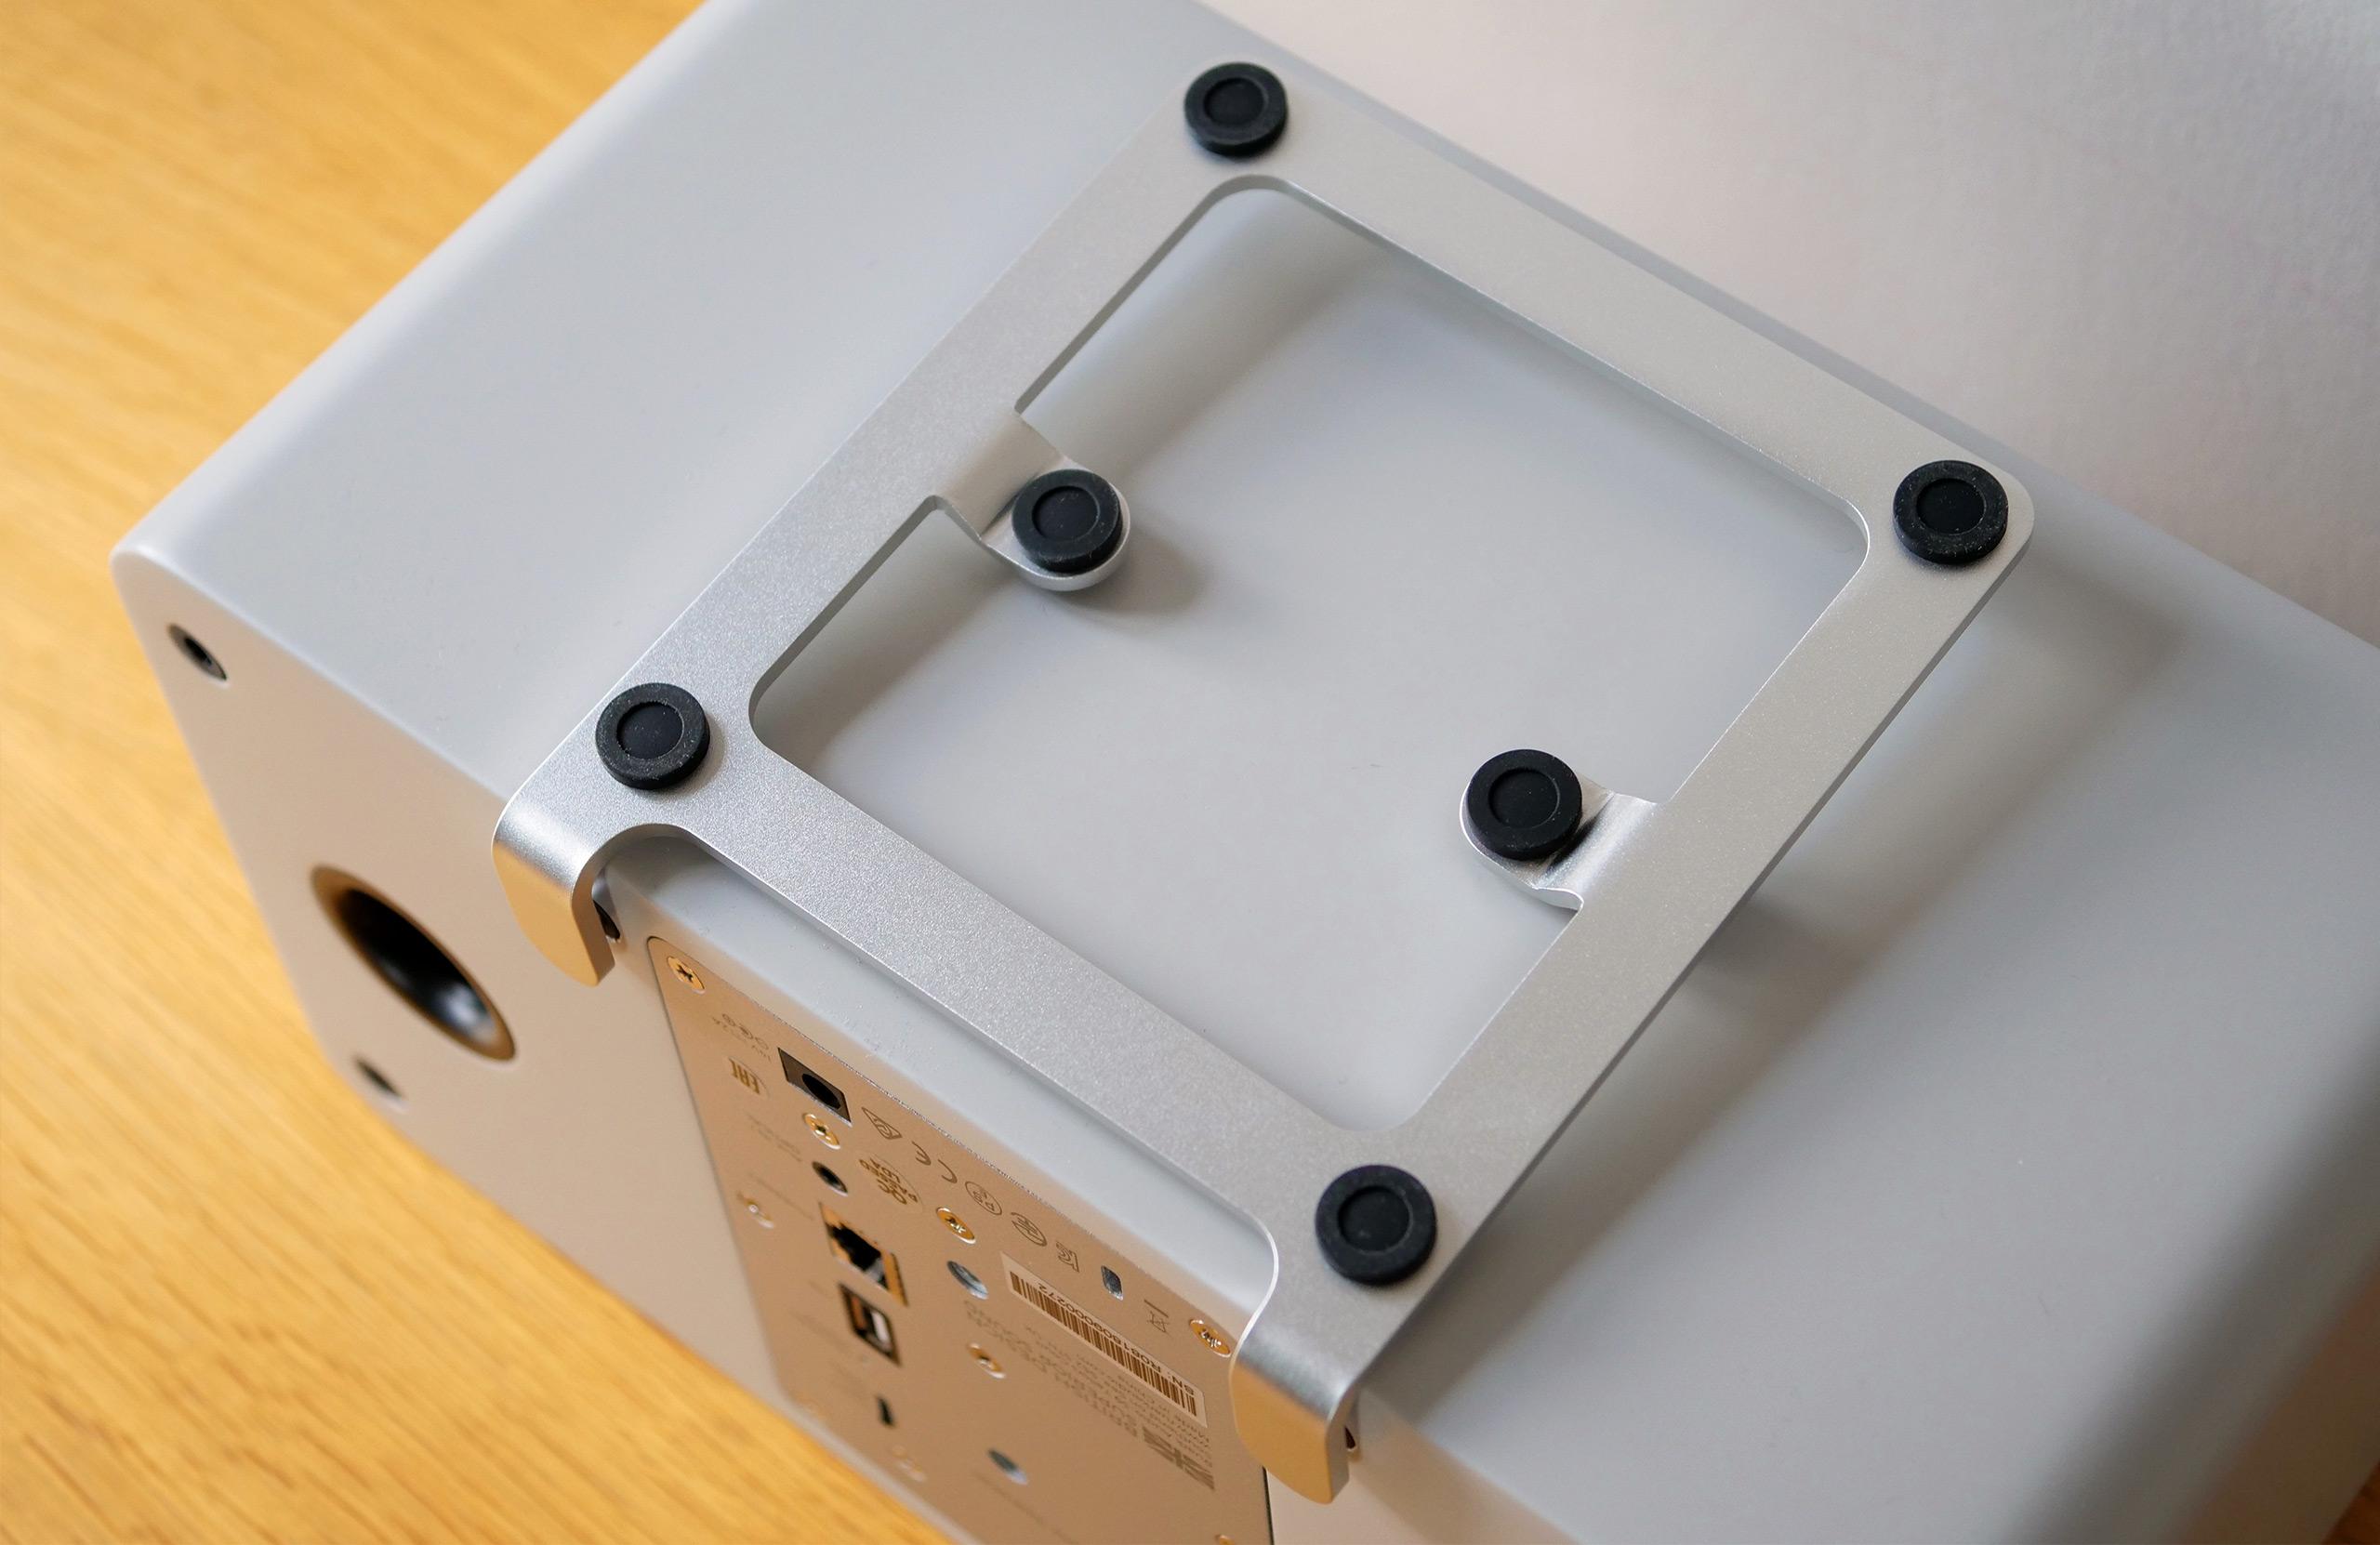 Le support de la MRx est équipé de plots en caoutchouc anti vibrations.